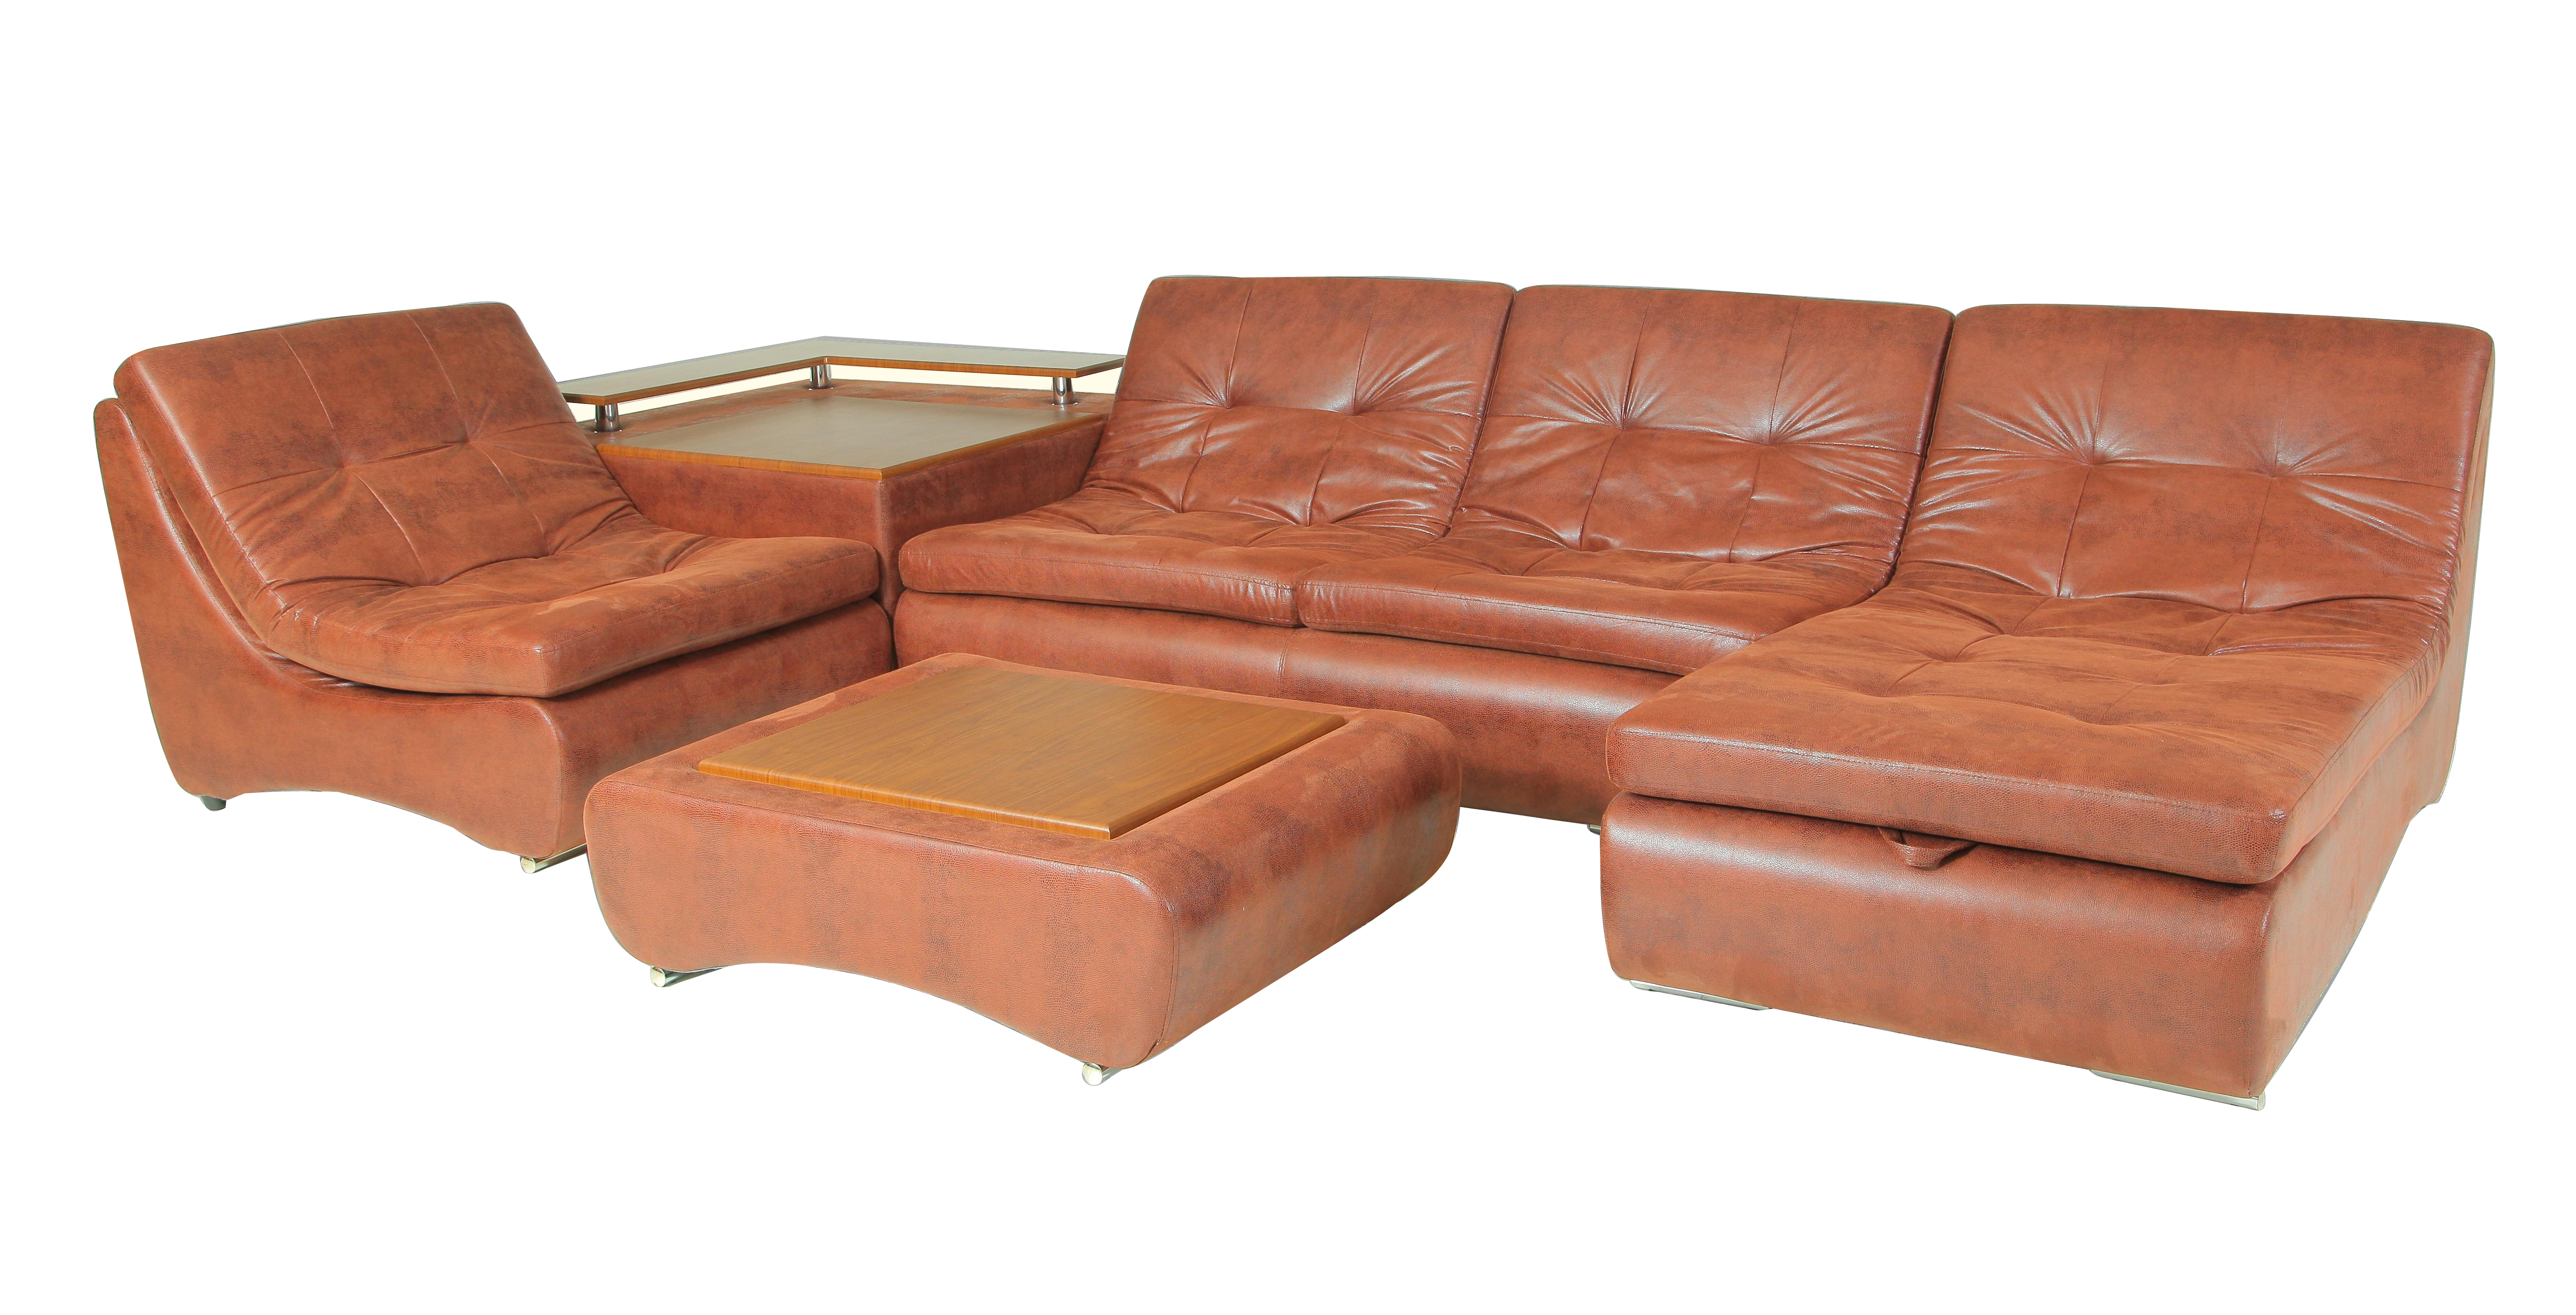 Угловой модульный диван Монреаль-6 угловой модульный диван нексус акция